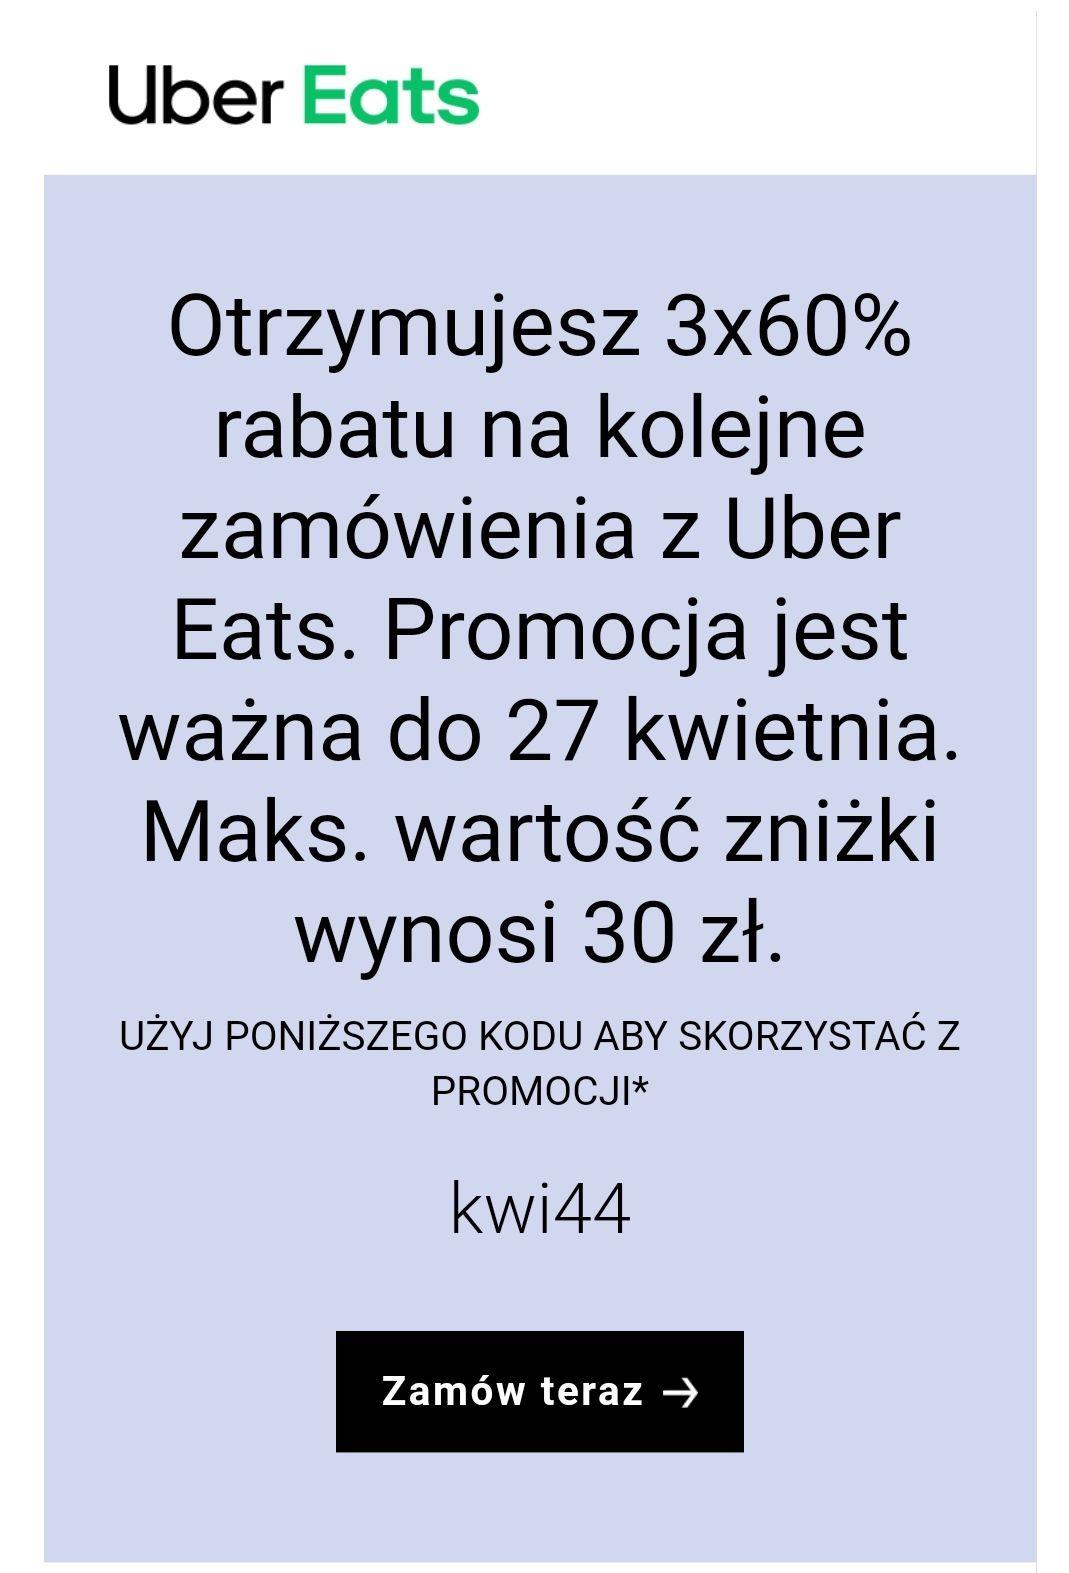 Uber Eats 3x -60%